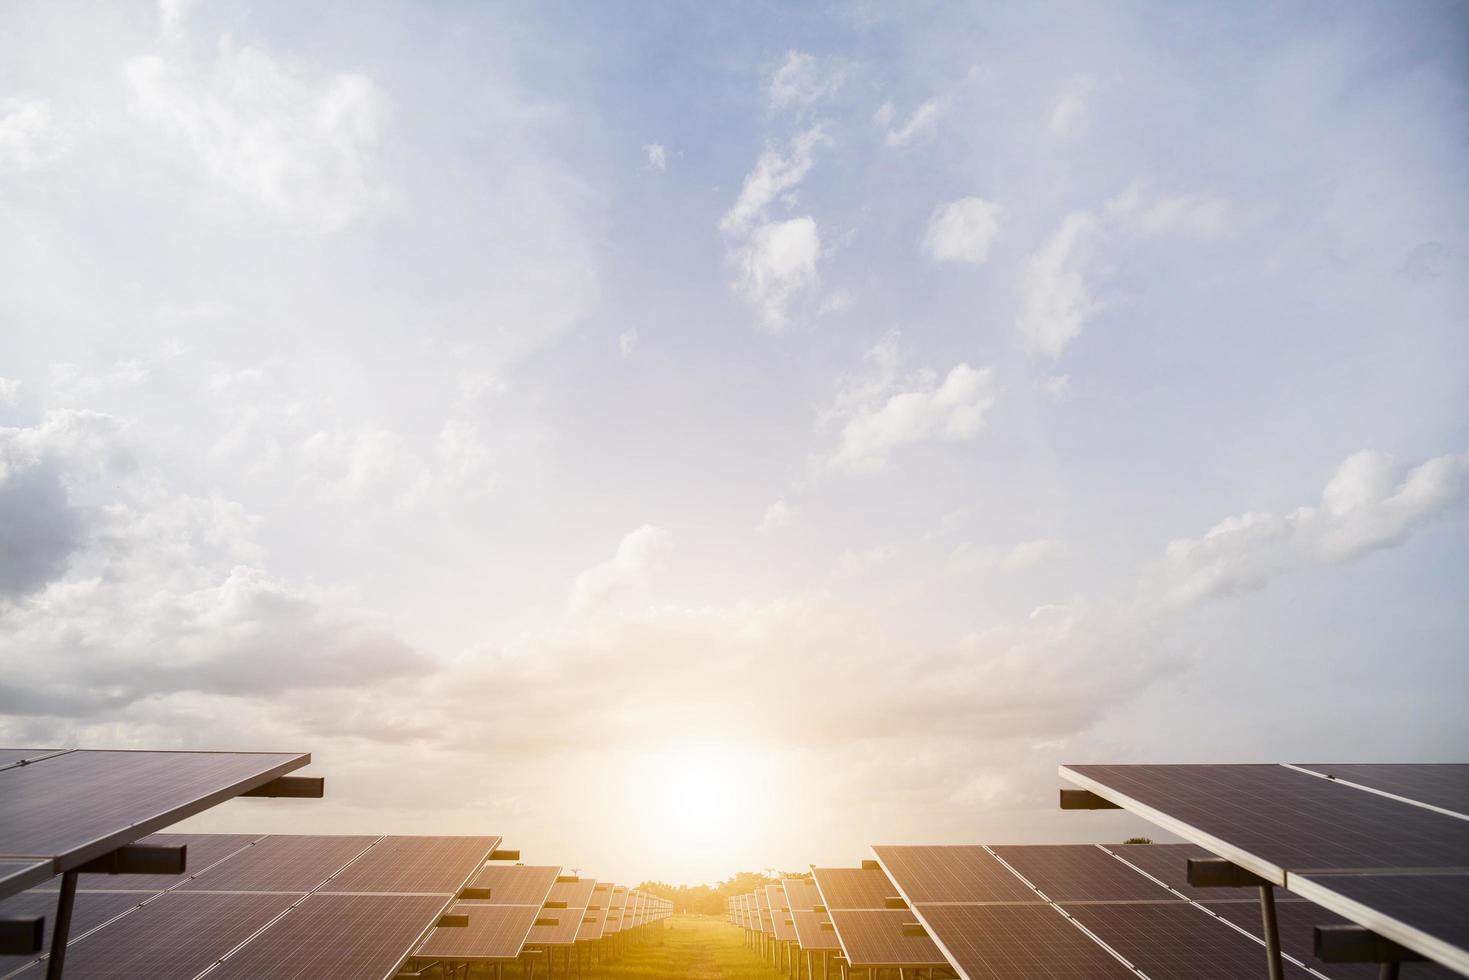 zonnecel op felle zon achtergrond foto